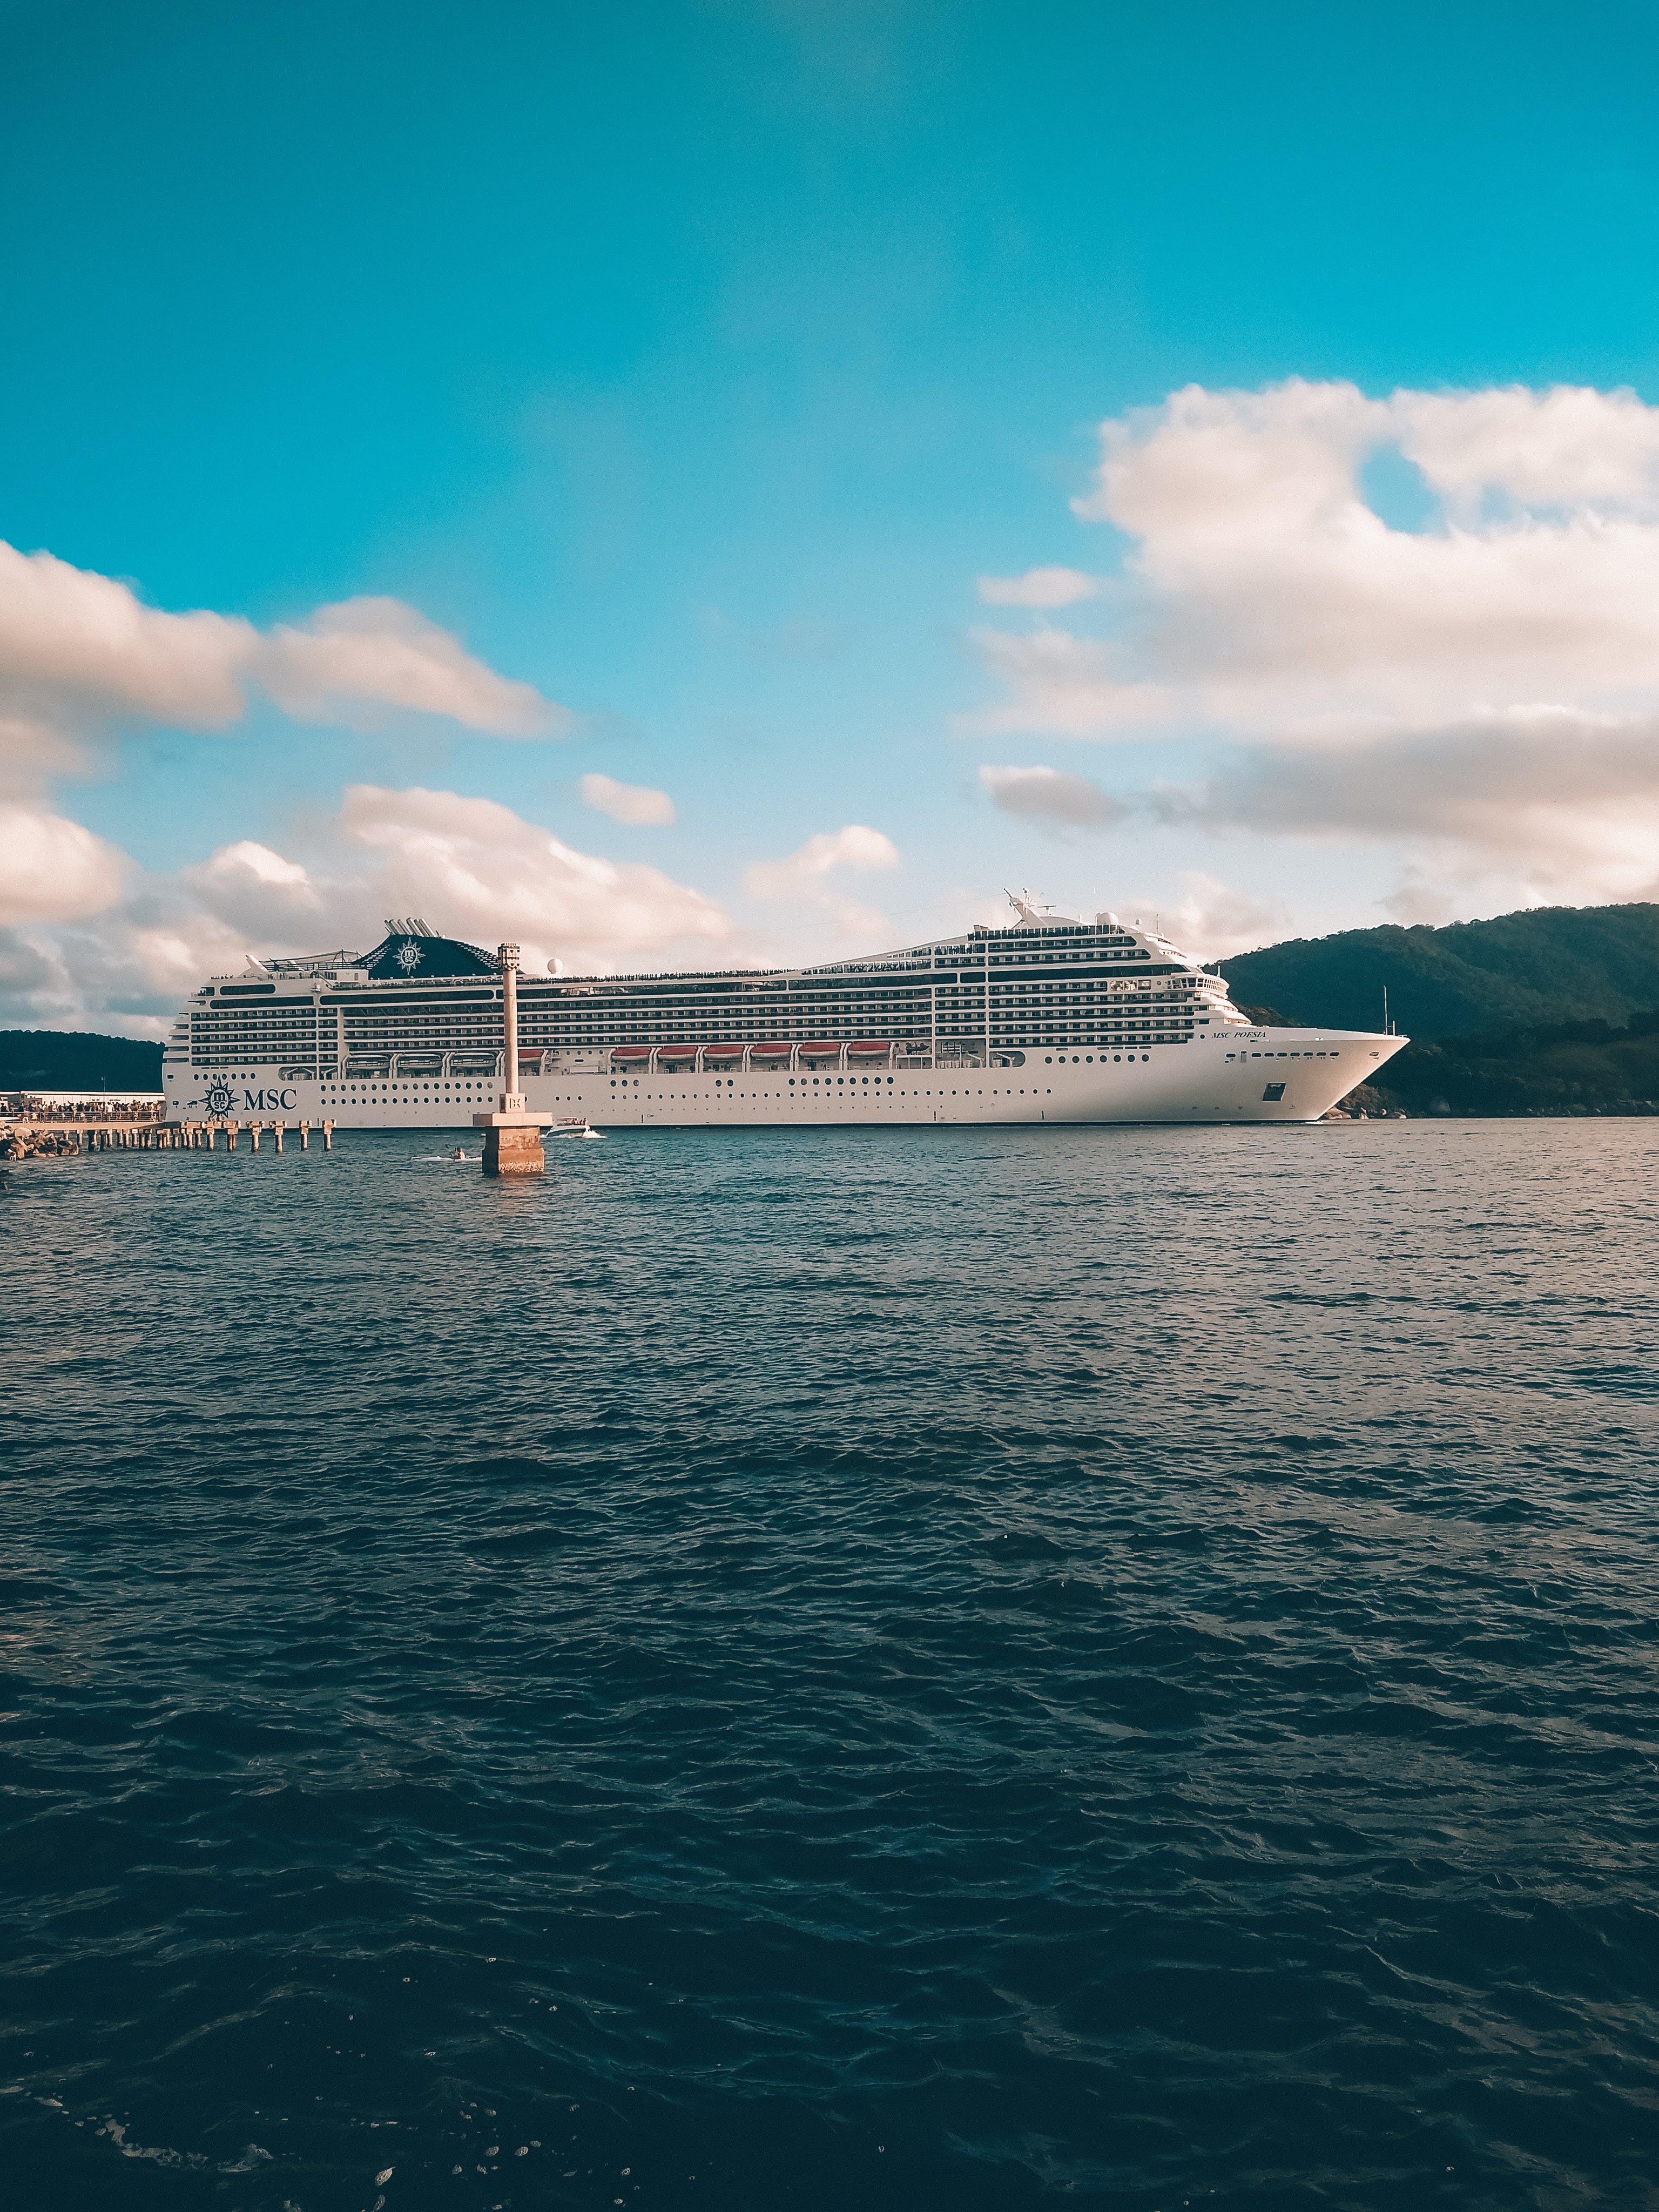 Cruise Ship on Sea